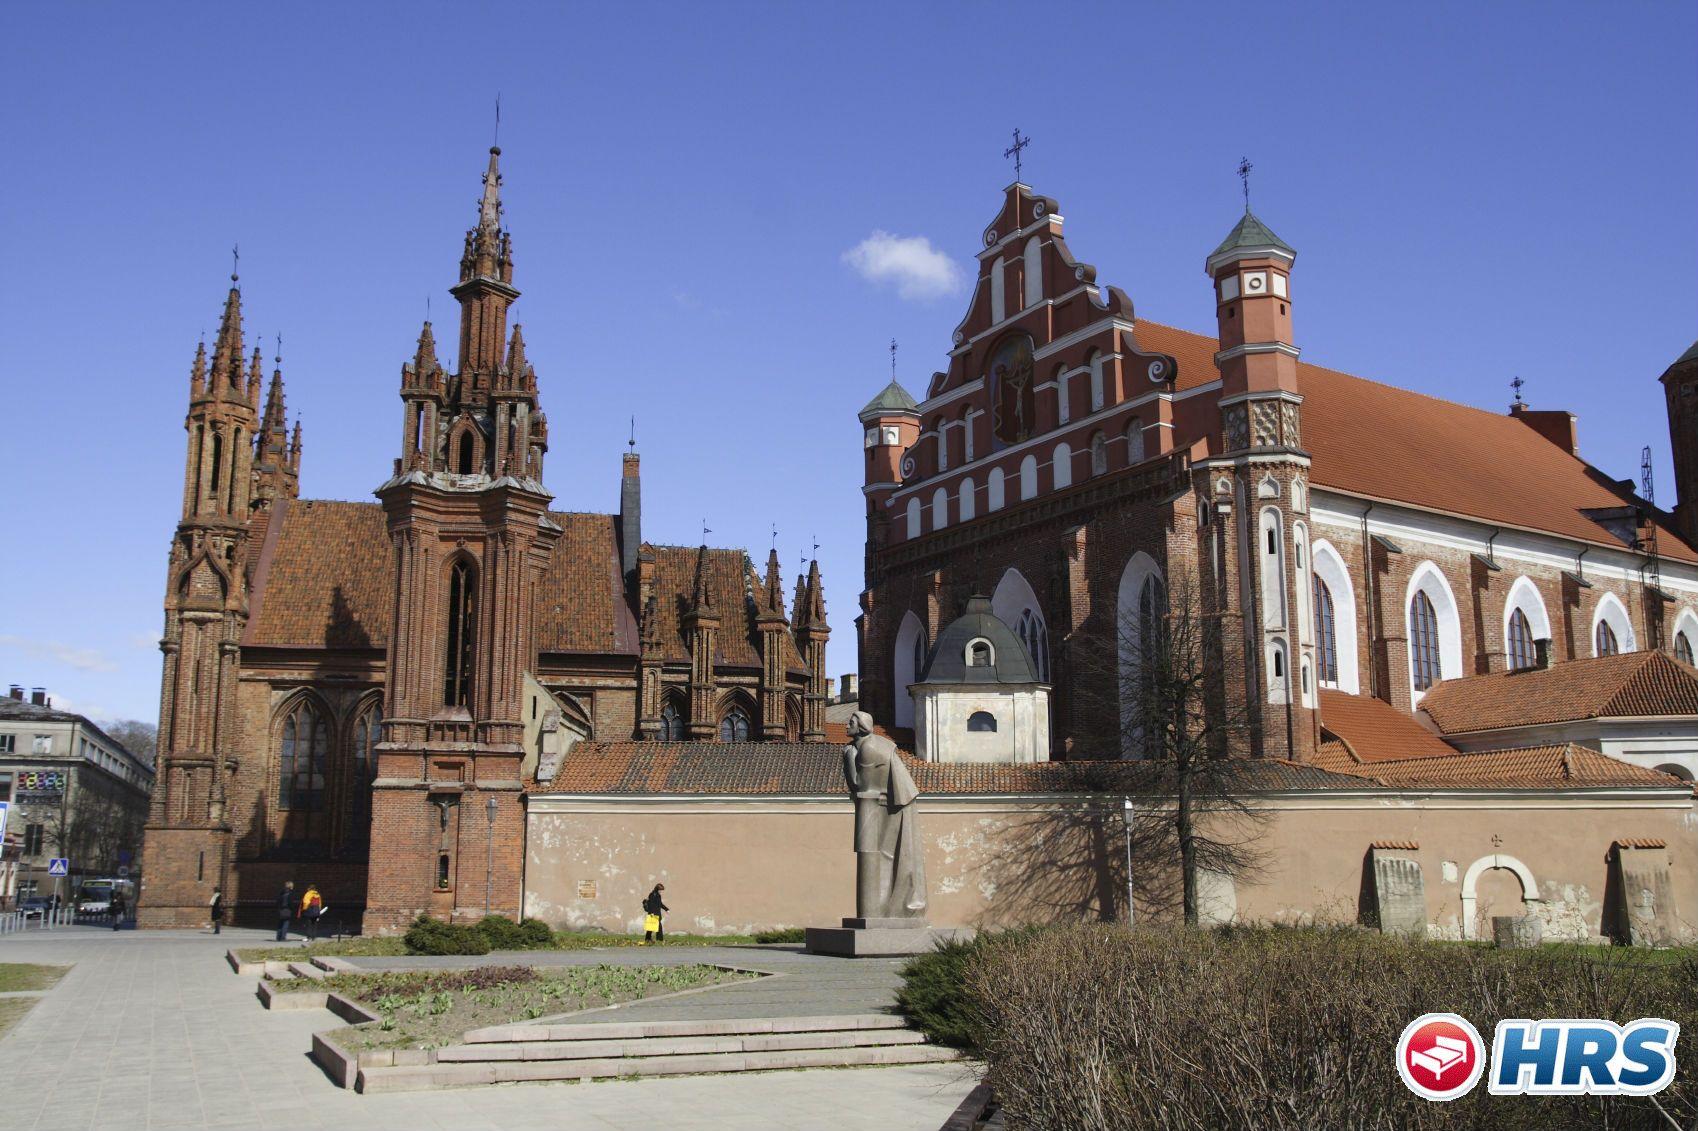 Die Hauptstadt #Litauens entdecken geht jetzt für den geringen Preis von 27€ das Doppelzimmer inklusive Frühstück! Schlendert durch die charmante Altstadt von #Vilnius, die 1994 zum UNESCO-Welterbe ernannt wurde.